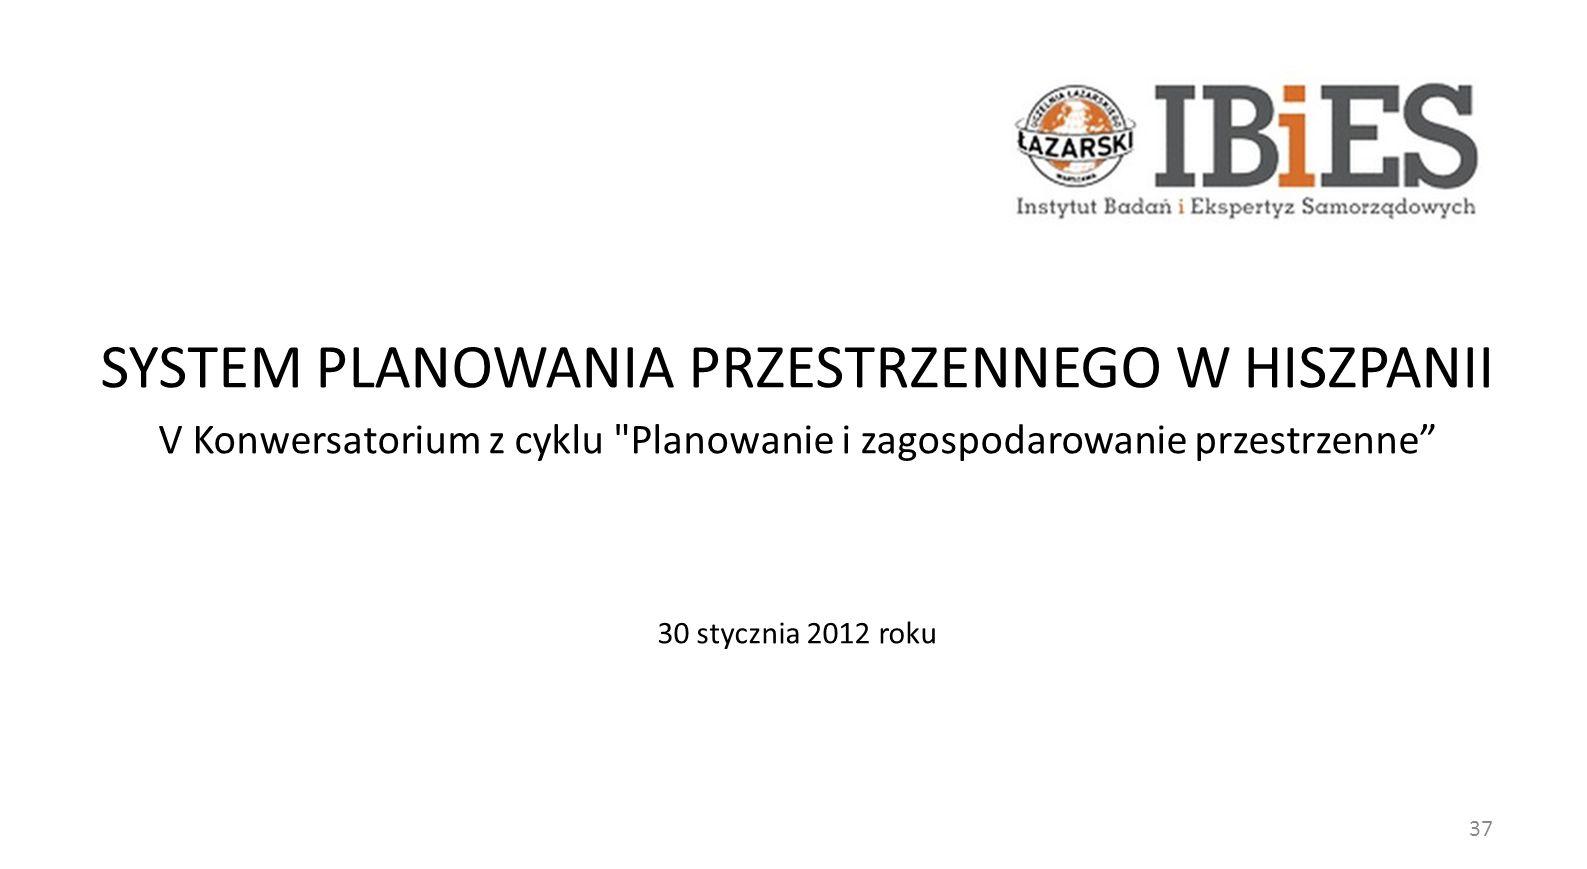 SYSTEM PLANOWANIA PRZESTRZENNEGO W HISZPANII V Konwersatorium z cyklu Planowanie i zagospodarowanie przestrzenne 30 stycznia 2012 roku 37